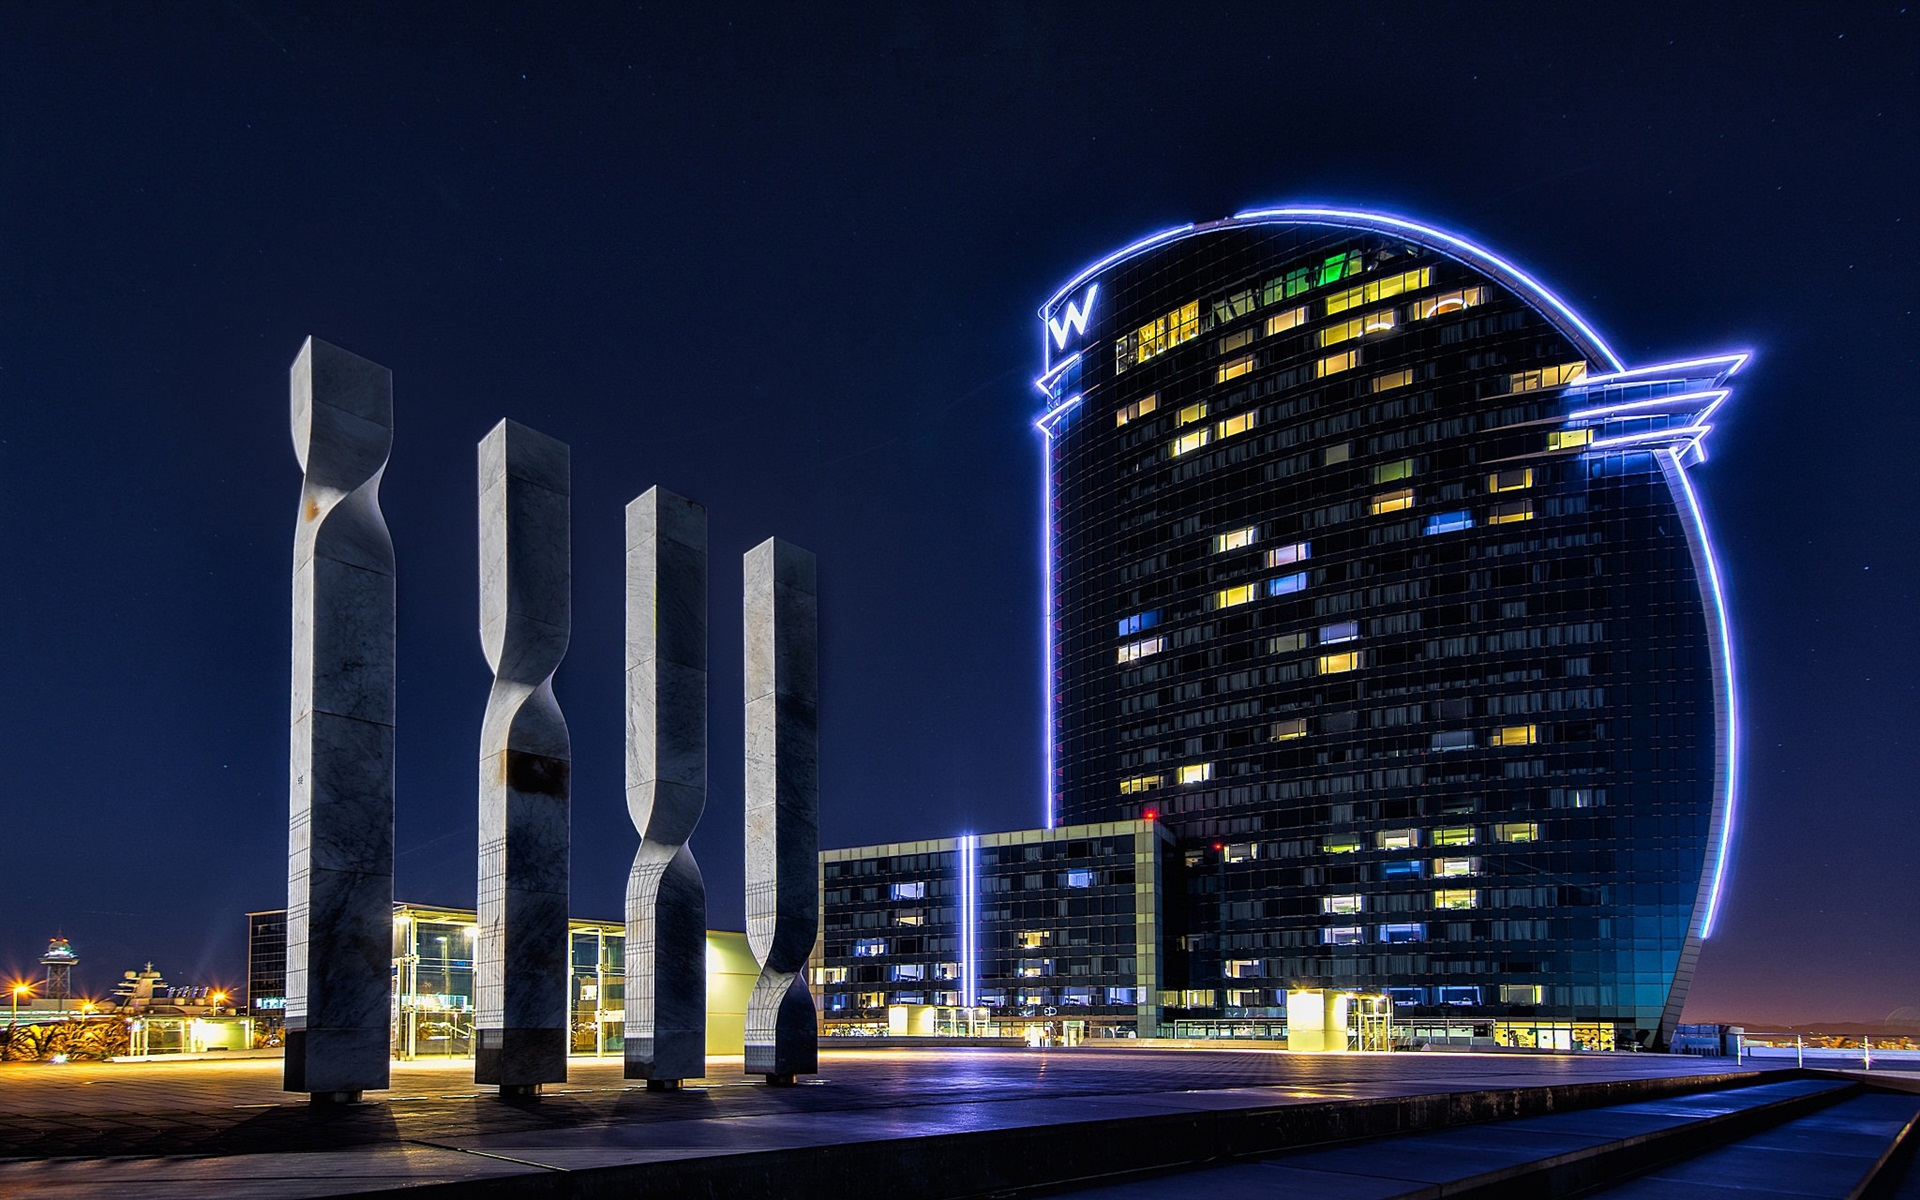 Fondo Espana Hd: Fondos De Pantalla España, Barcelona, Edificios, Luces